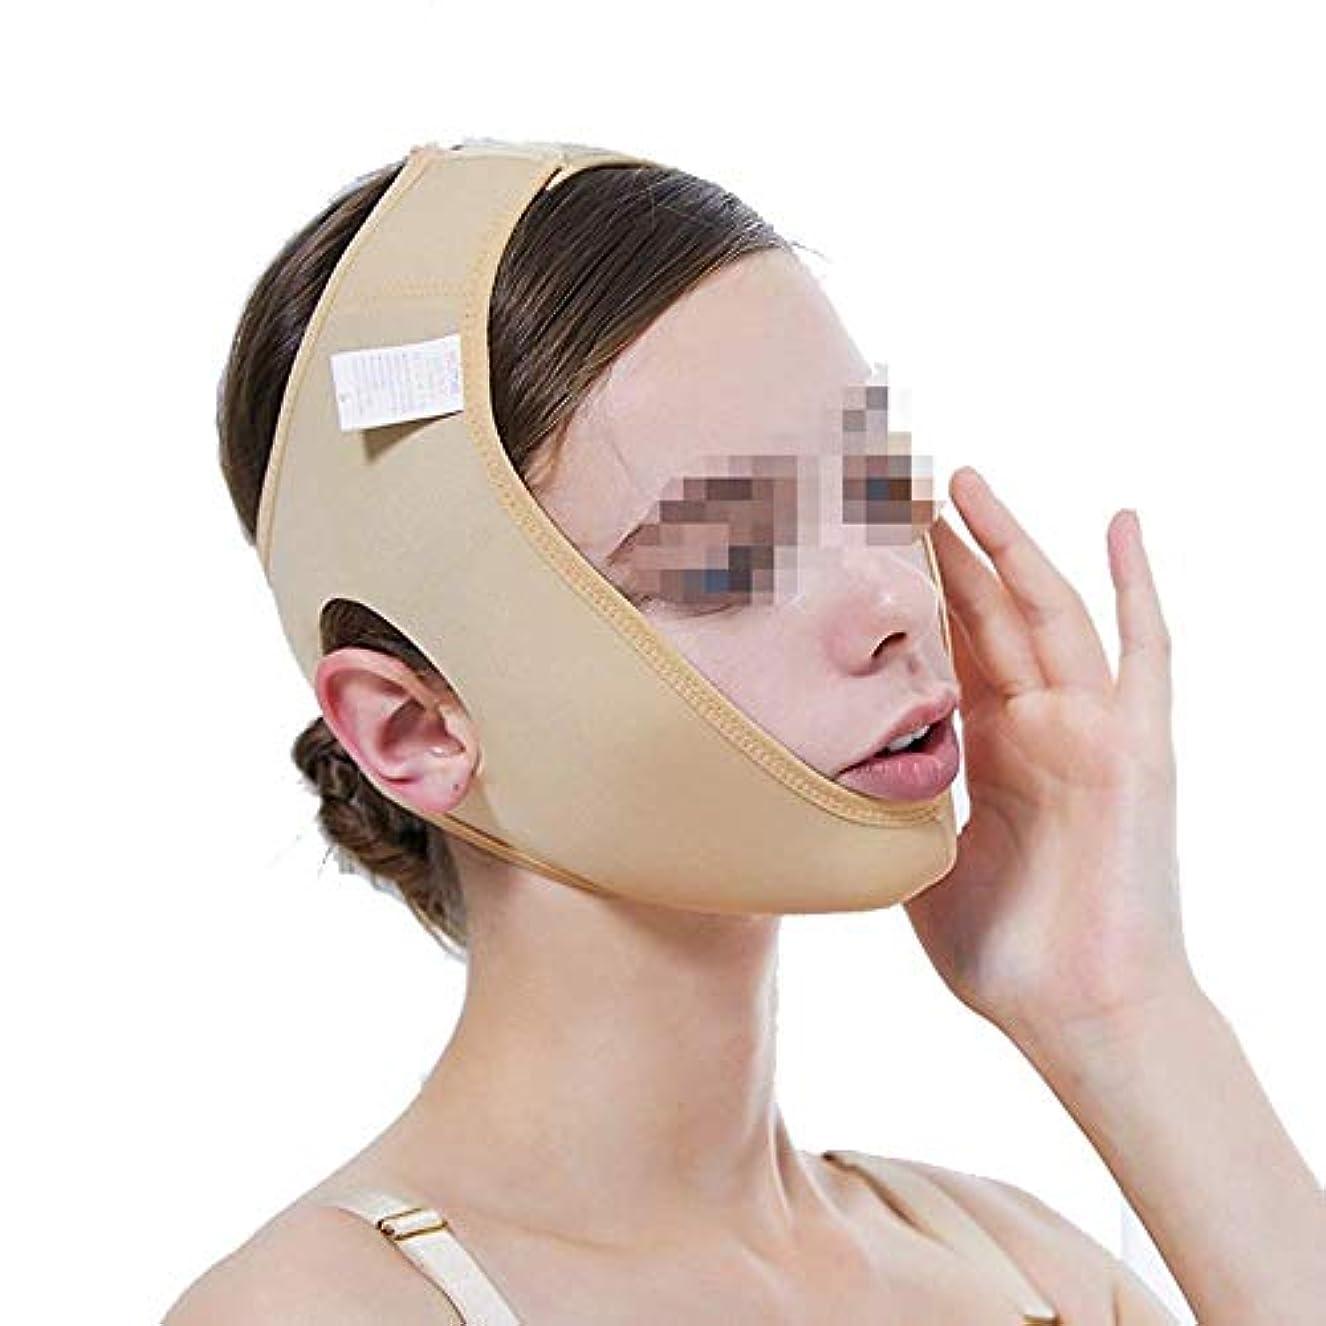 術後ヘッドギア、薄型ダブルあごVフェイスビームフェイスジョーセットフェイスマスクマルチサイズオプション(サイズ:XS),M